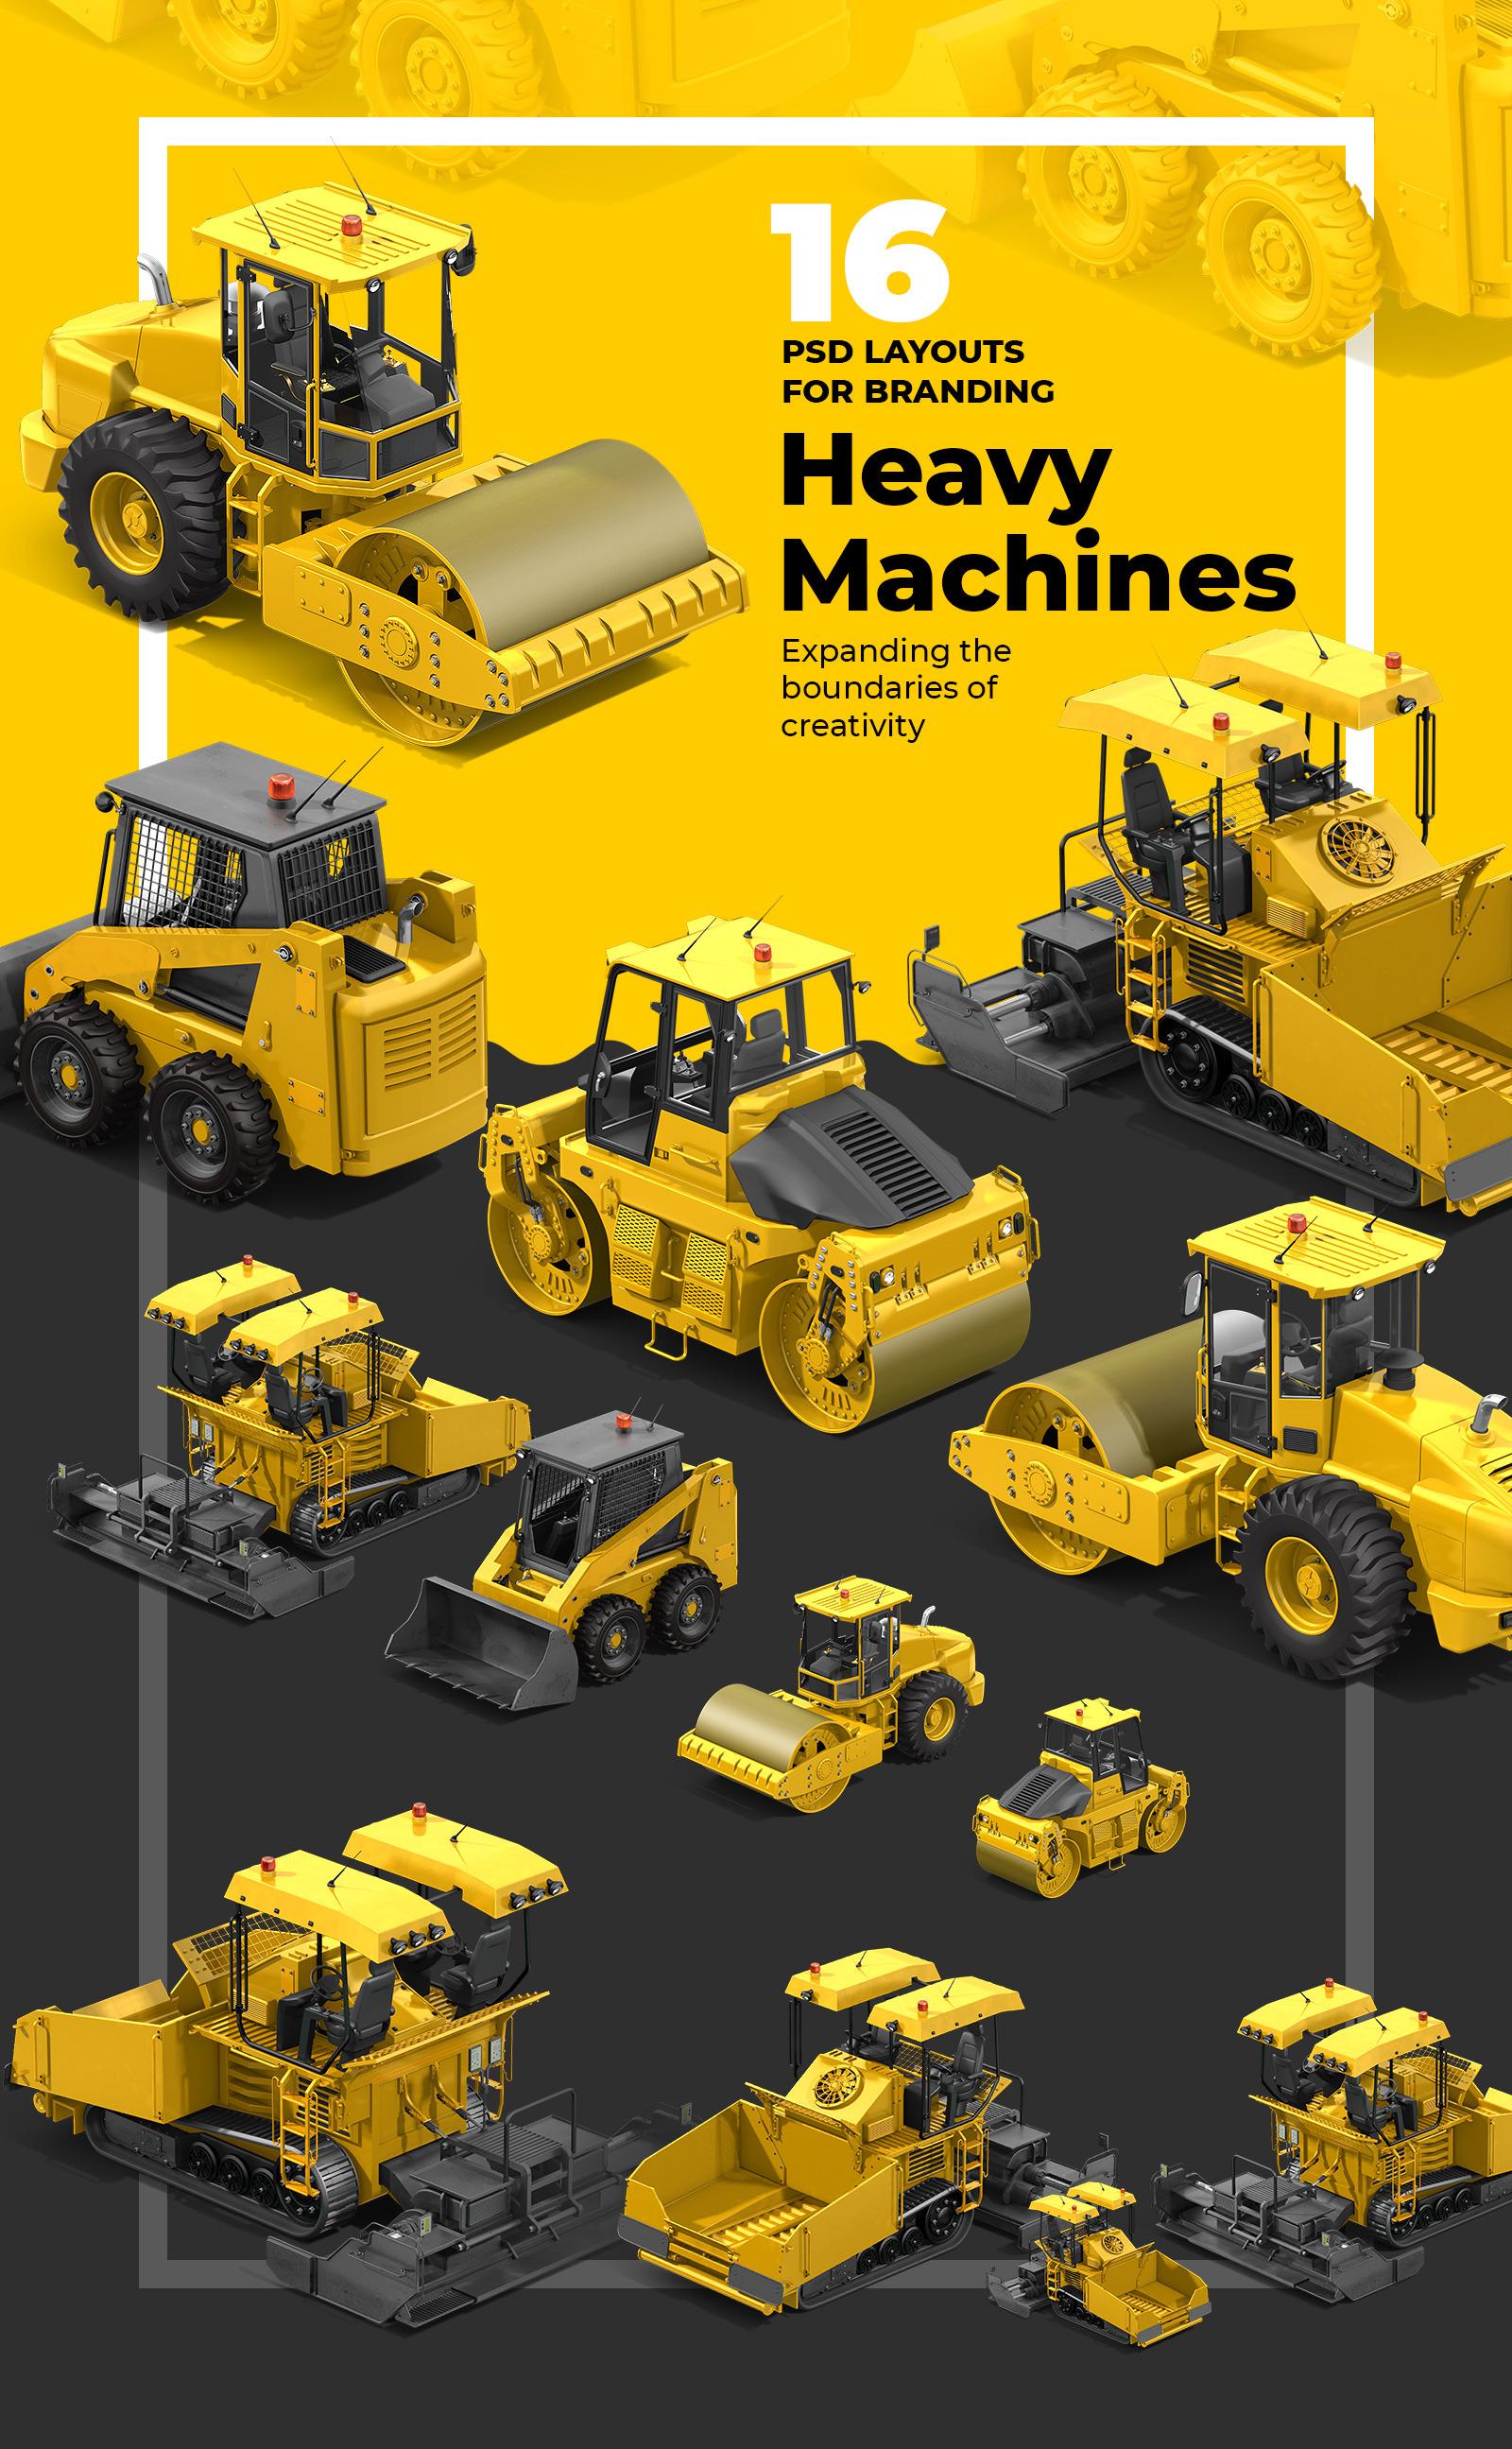 PSD Heavy Machines Mockup 360 PRO #05